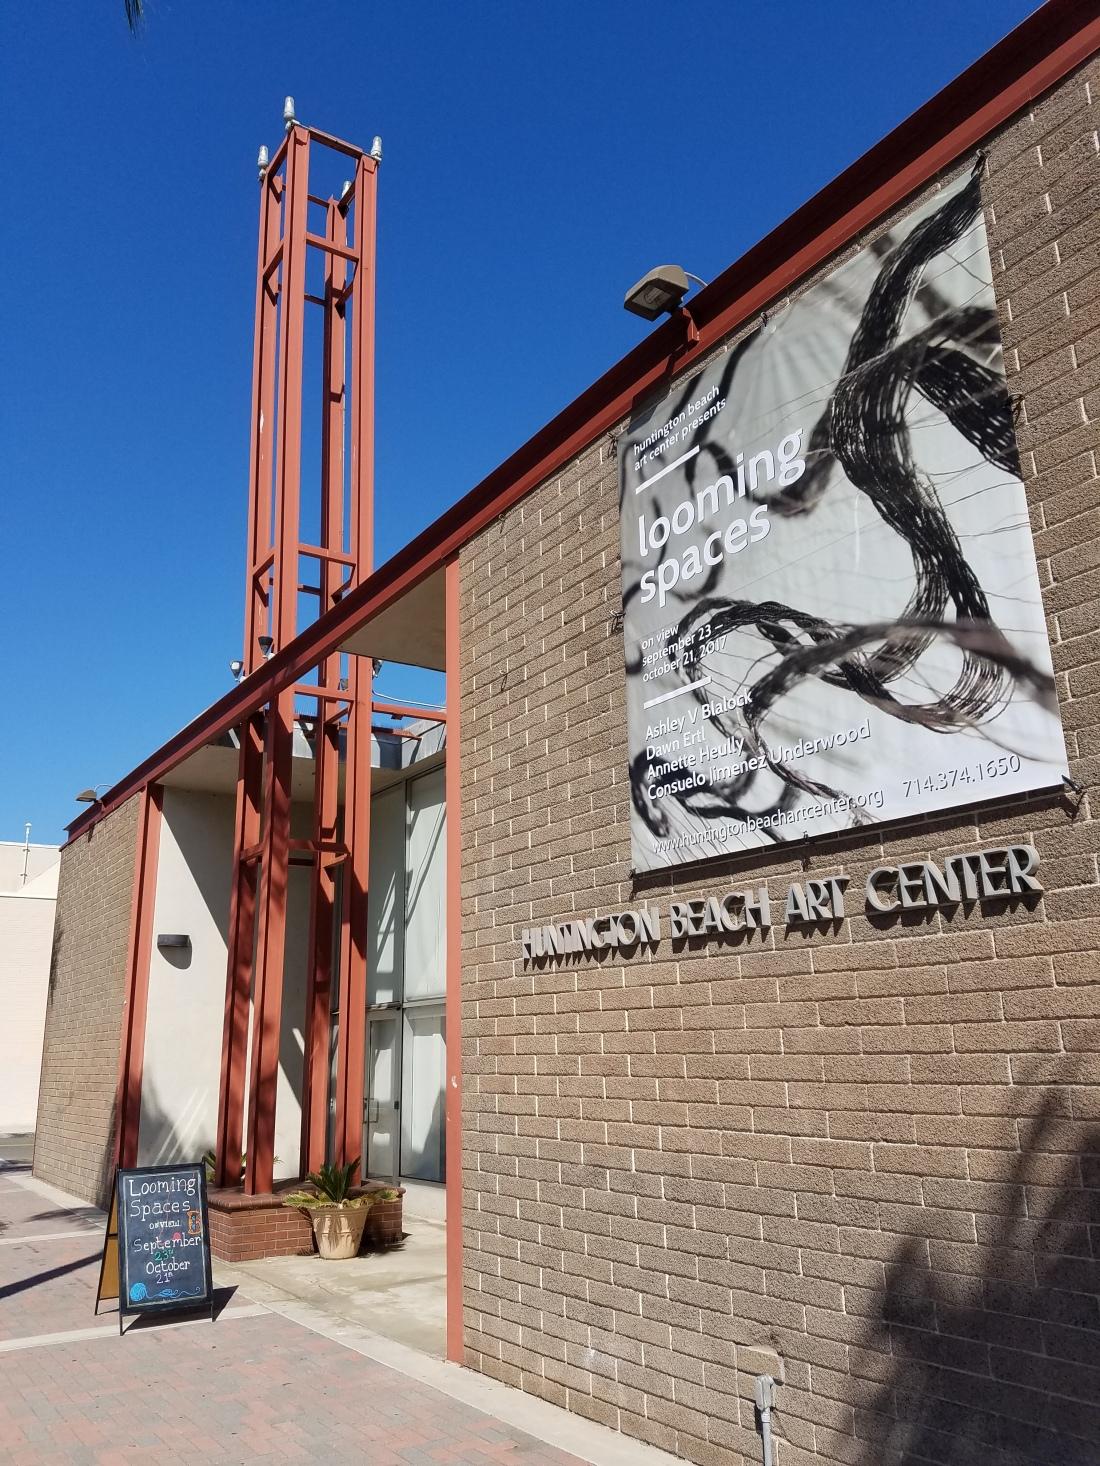 Art Center Exterior